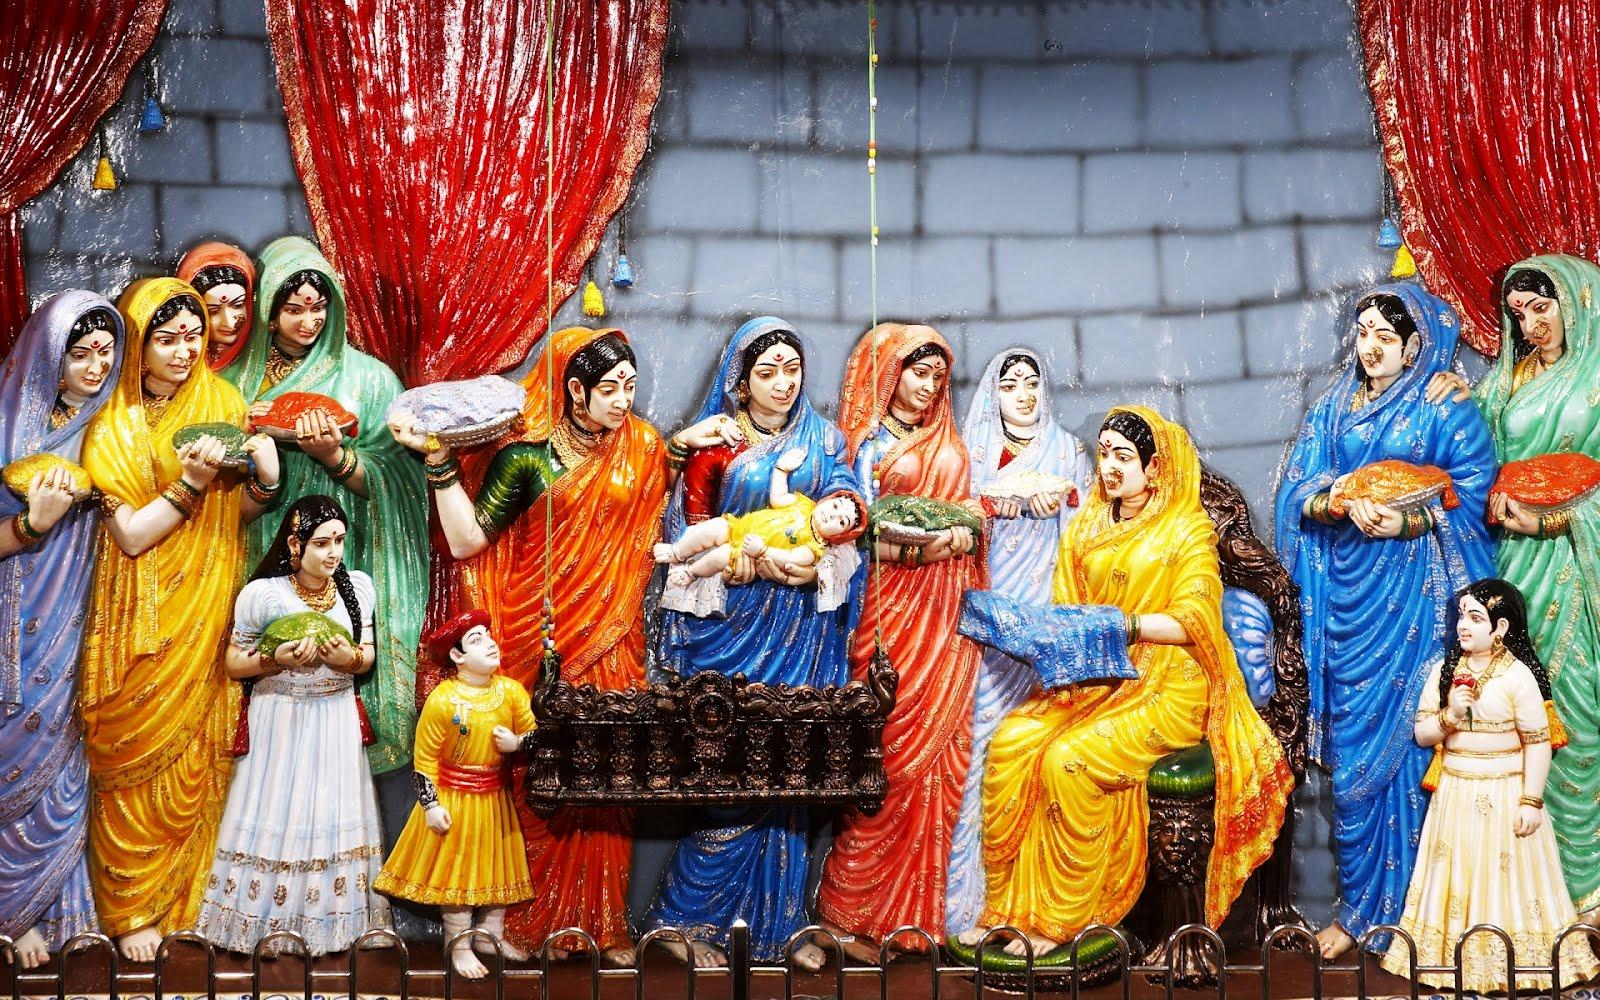 http://3.bp.blogspot.com/-3HNj-SIx4GM/T6yWdP5gIgI/AAAAAAAA4Bg/2FgJXa9Kago/s1600/birth-of-shivaji-1920x1200-wallpaper-nacimiento-de-.jpg